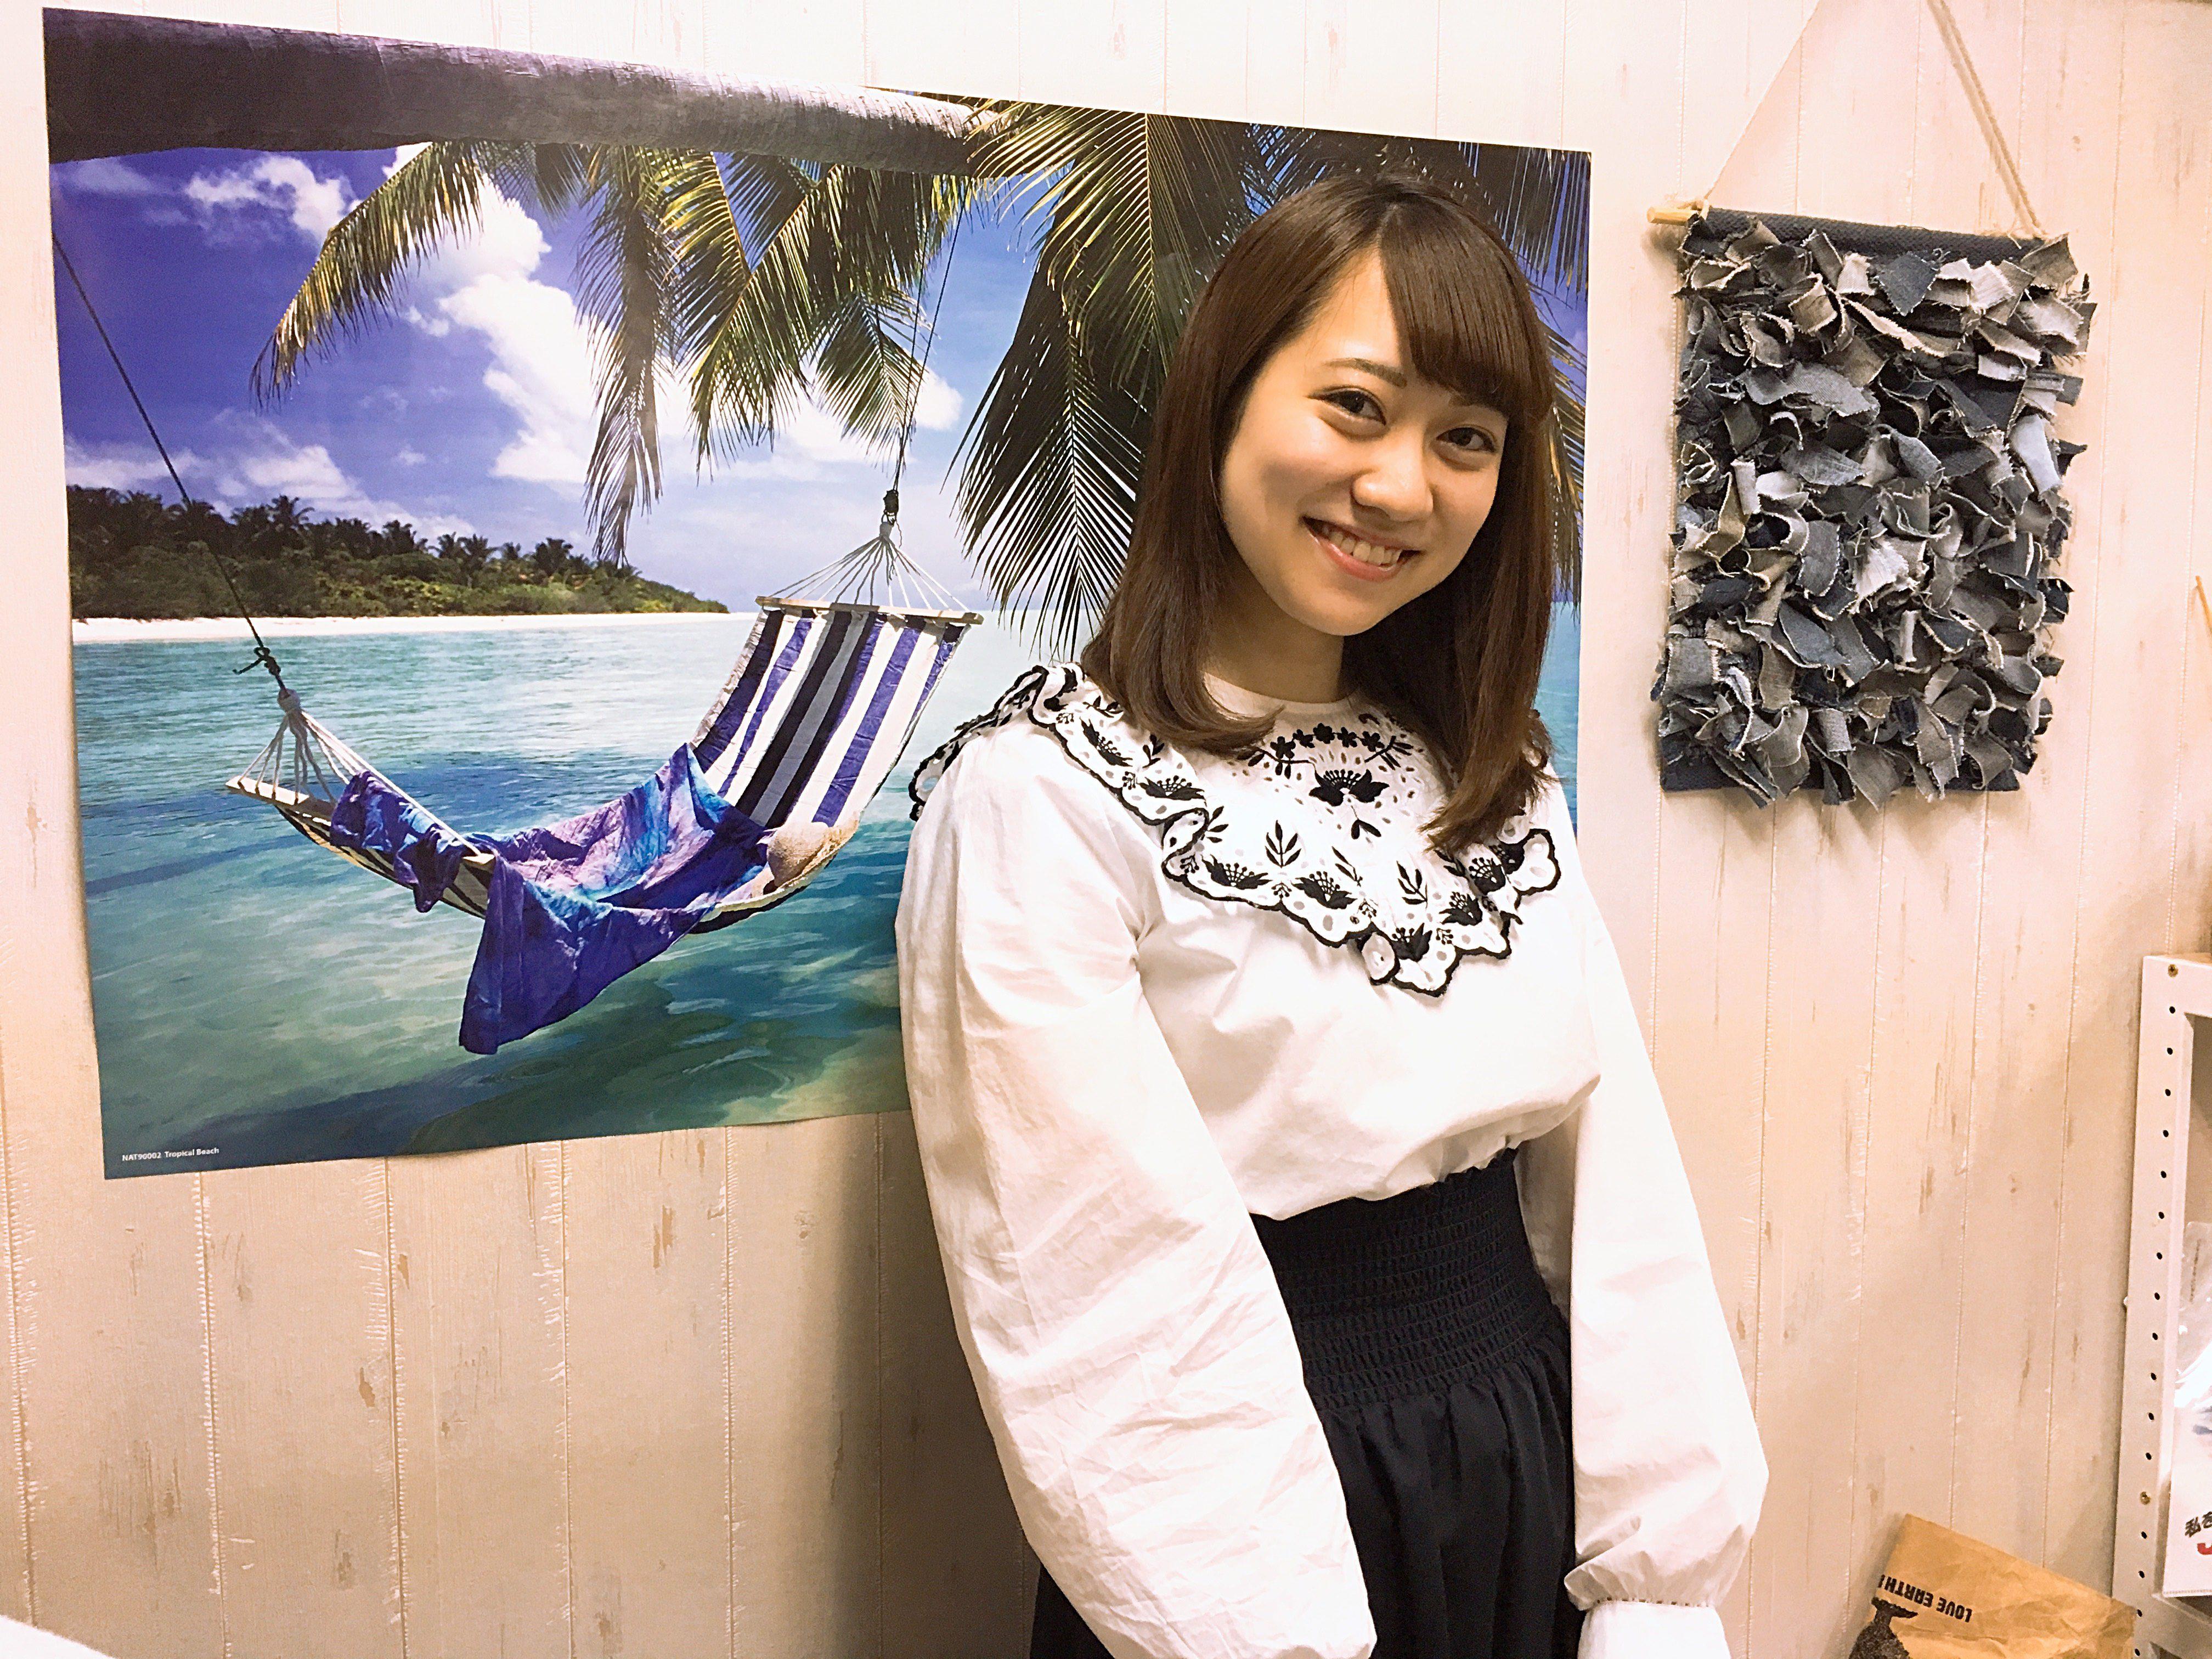 【東京20卒:慶應義塾大学】自分が夢中になれるものを求めて入会し、熱い仲間と日々自分を鍛えています。